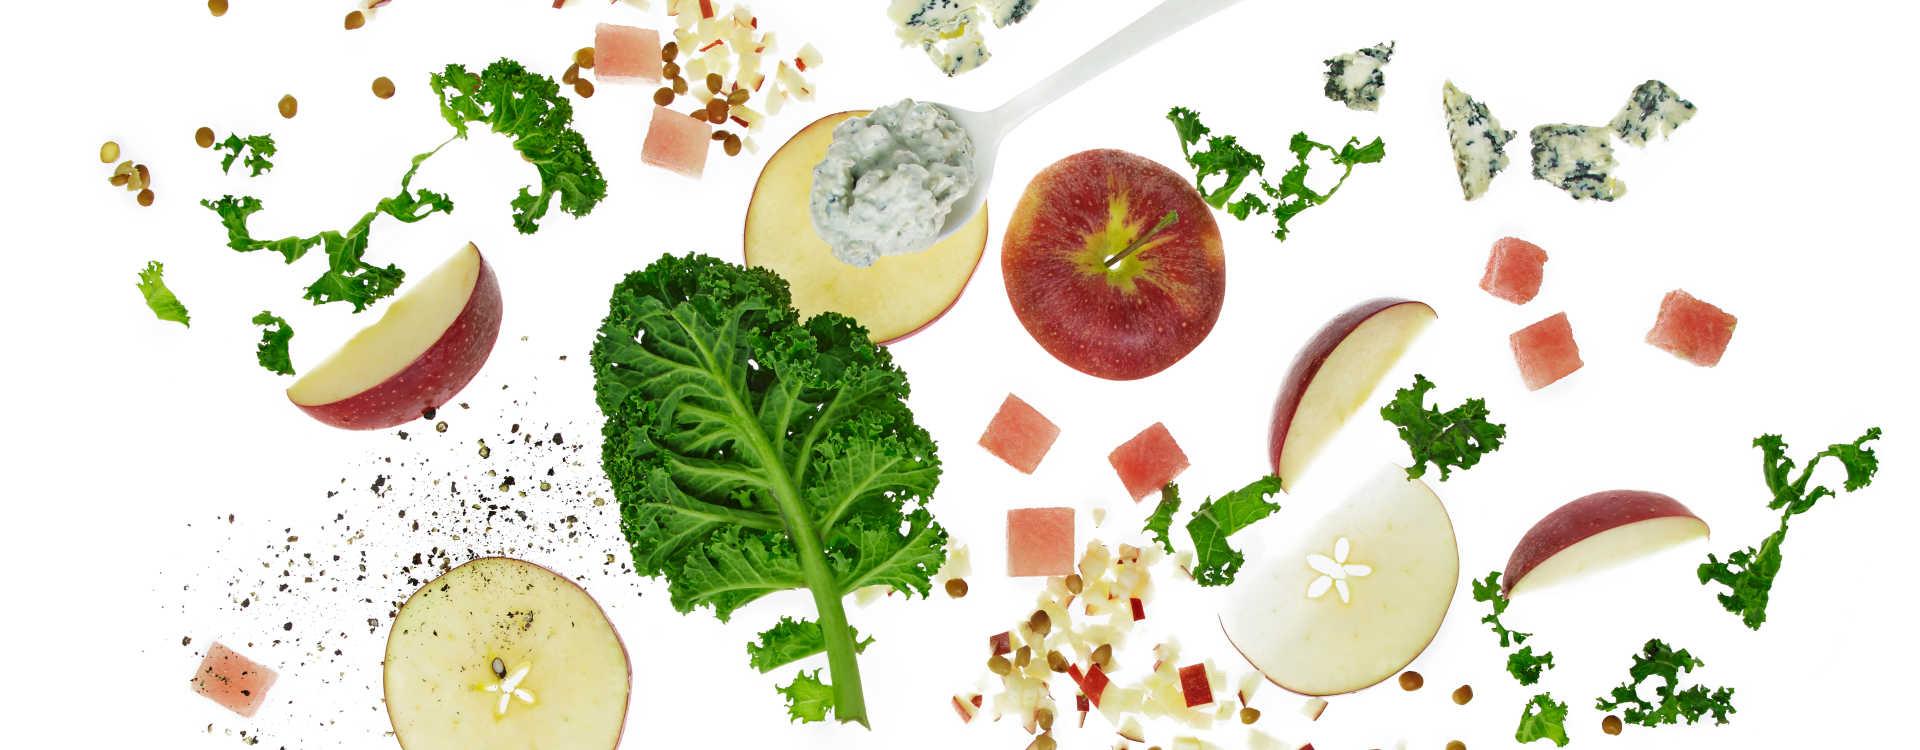 Grønnkålsalat med valnøttdressing